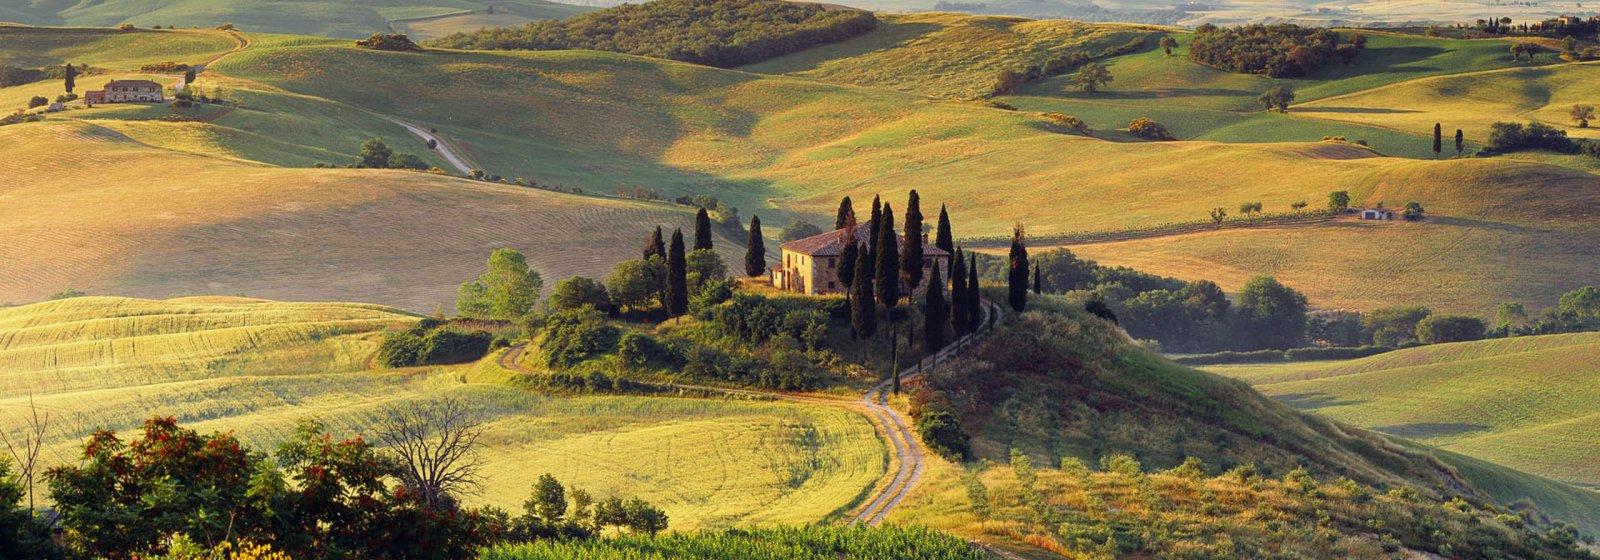 2015022424_Val-dOrcia-Tuscany-Italy